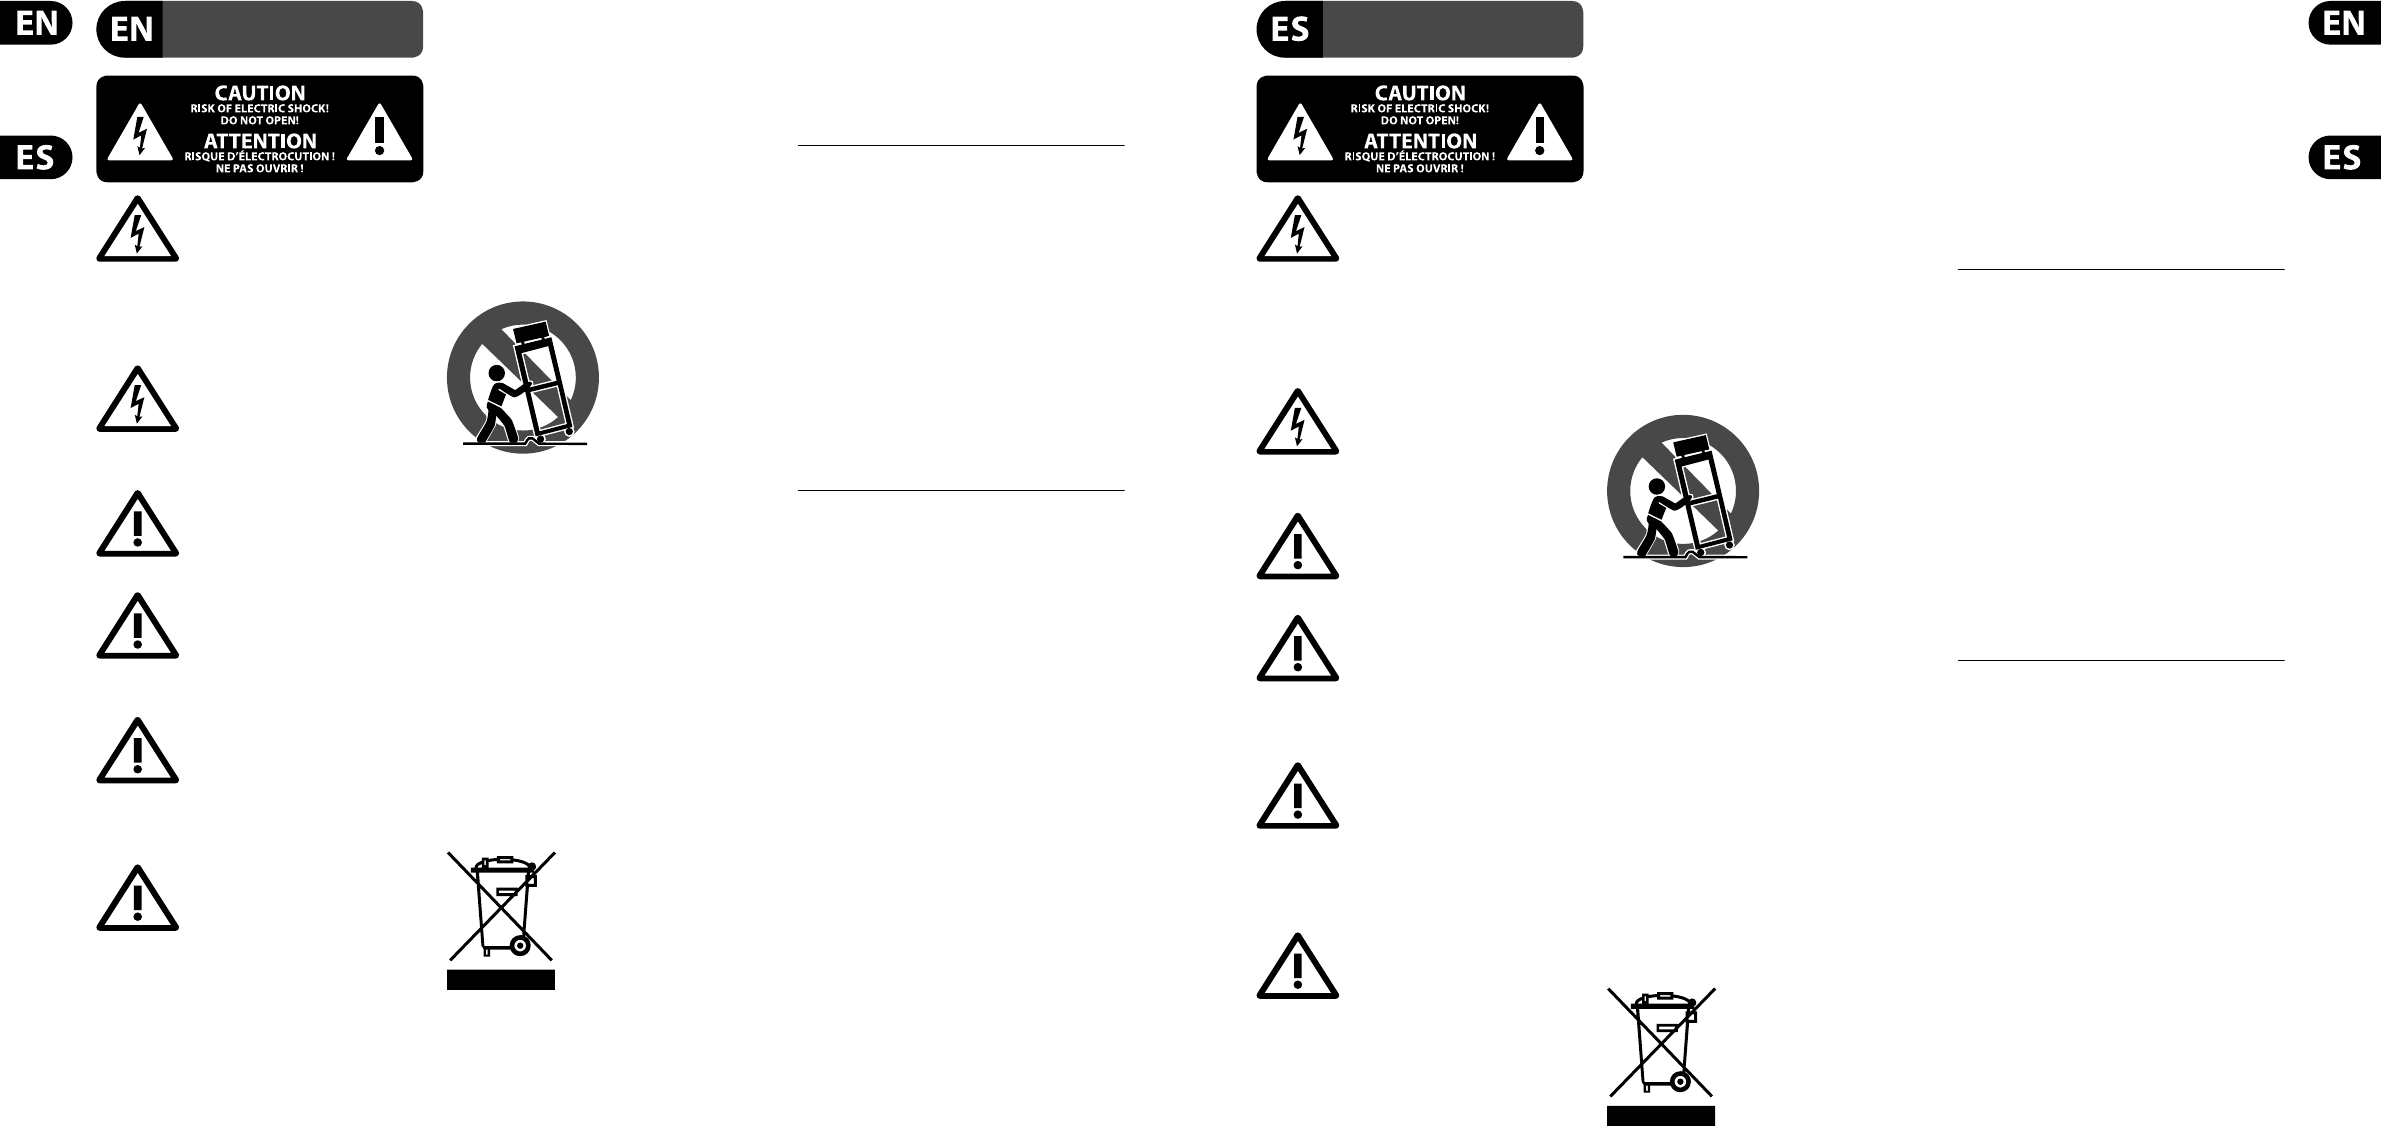 RCA-WH.Y2//1 Kabel für Active Subwoofer für Verstärker